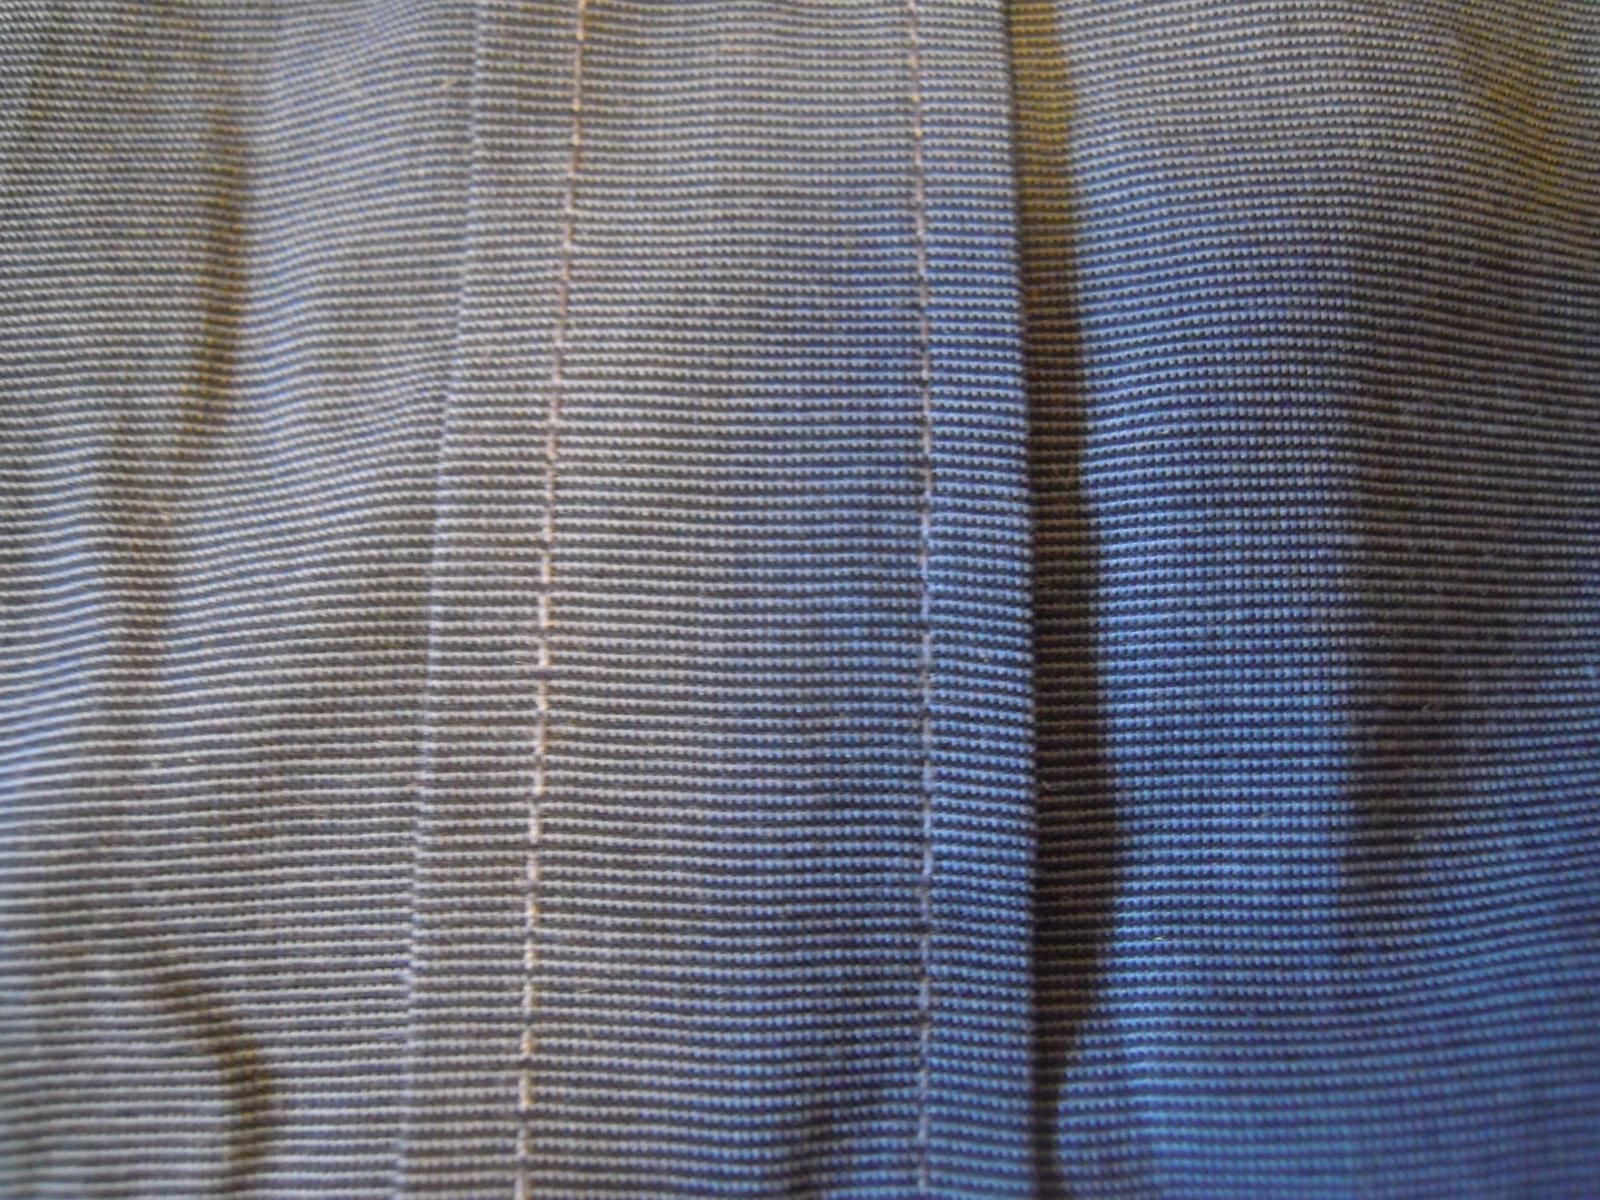 Pánska košeľa F&F veľ. 39 - Obrázok č. 2